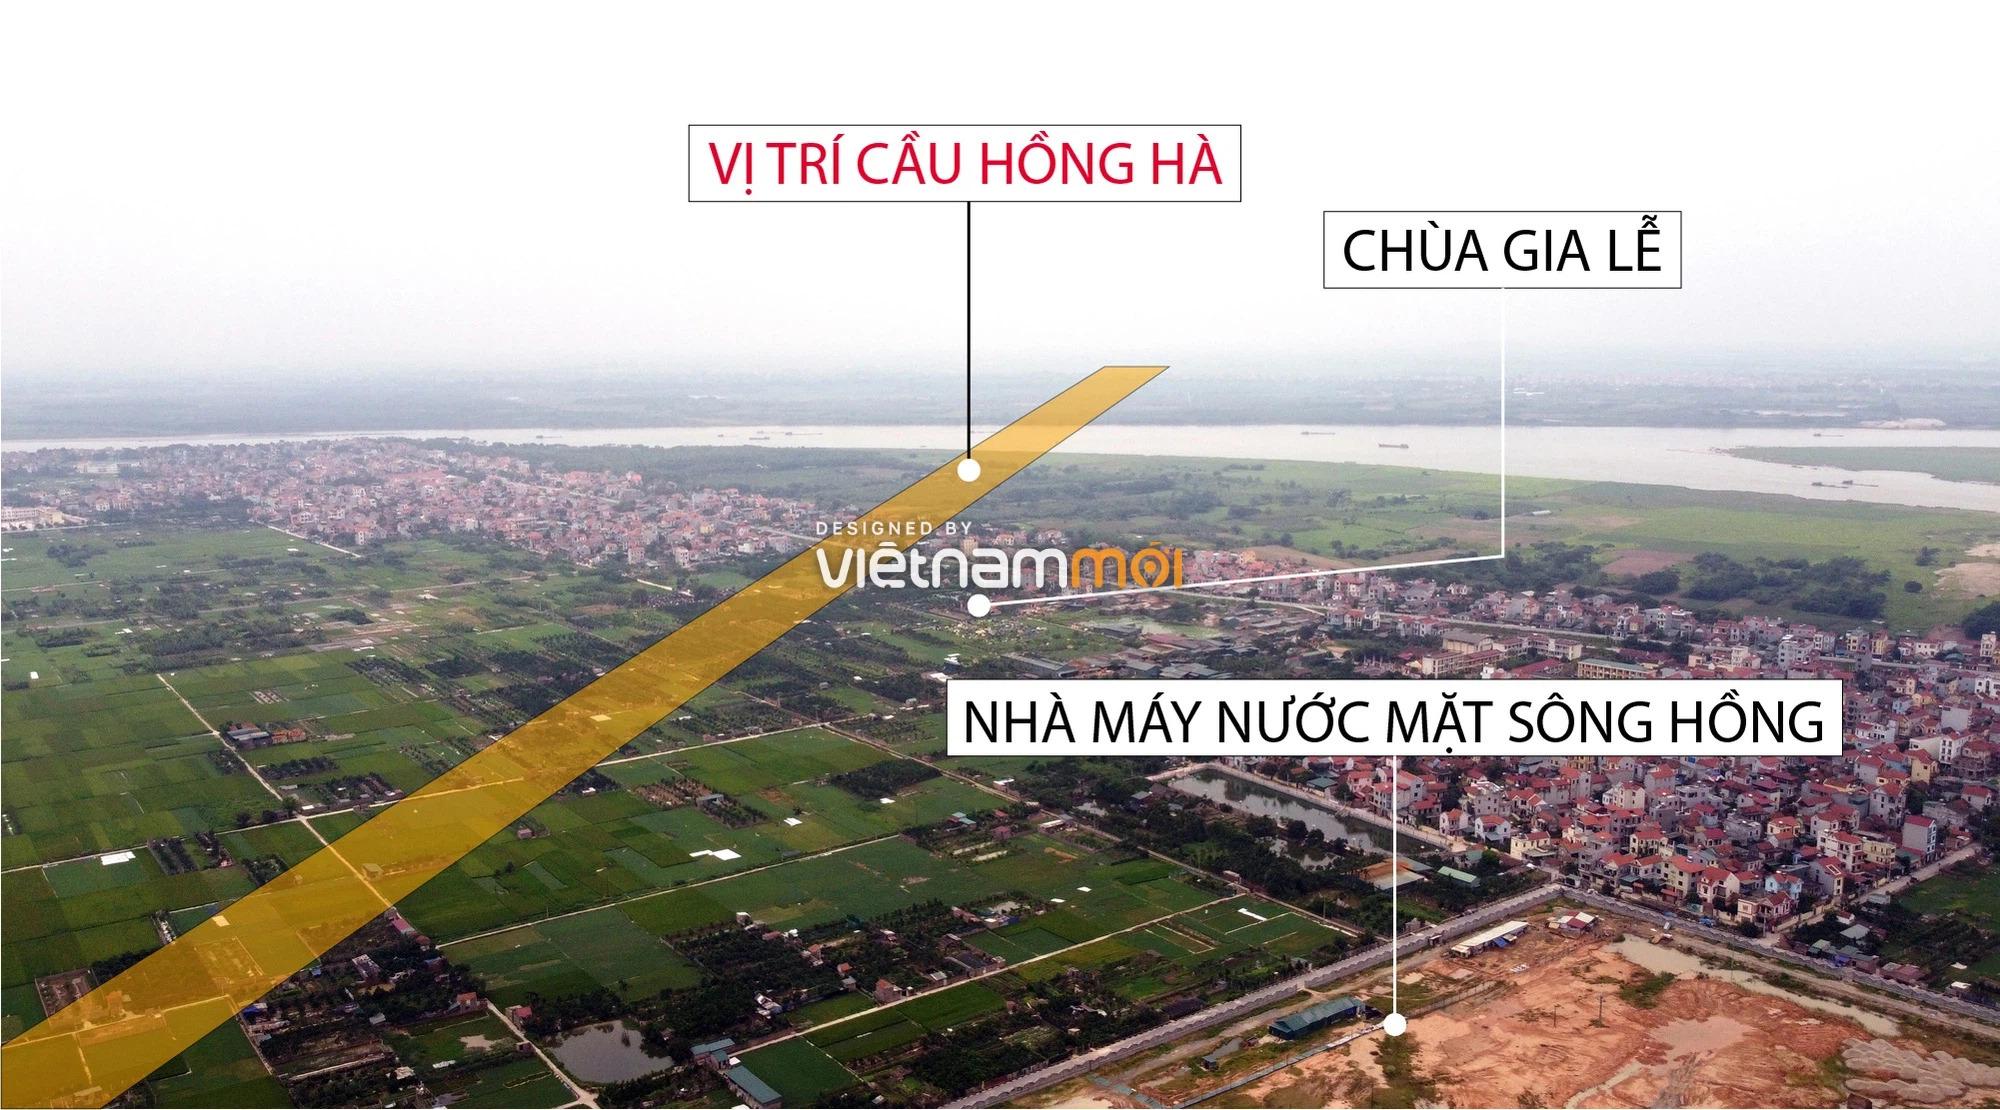 {{Ngoài cầu Trần Hưng Đạo, Hà Nội sẽ xây thêm bao nhiêu cầu vượt sông Hồng? - Ảnh 2.